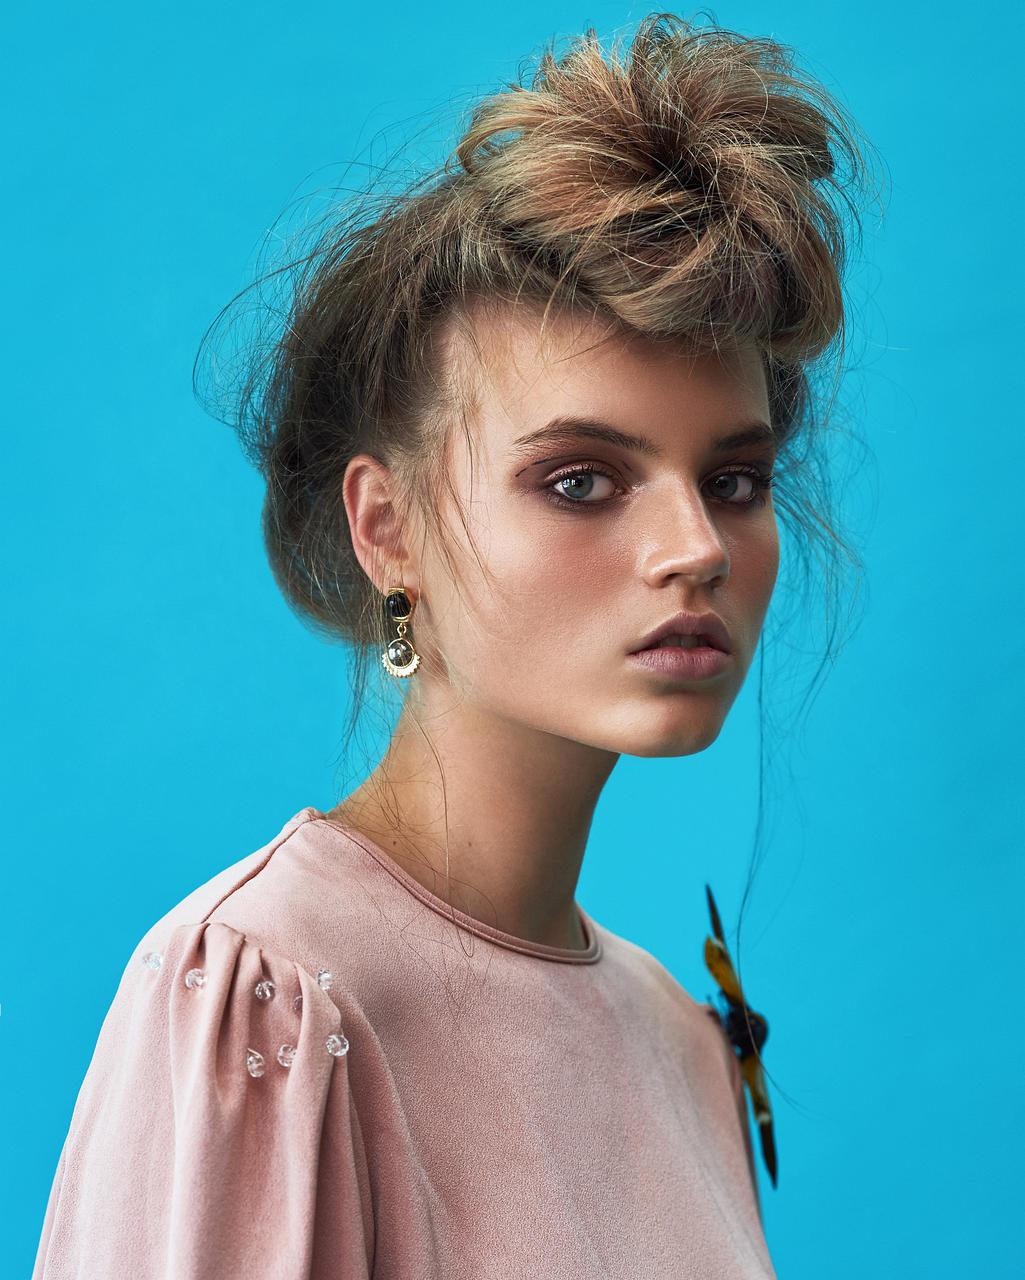 Bernice_Makeup_Melbourne (5)